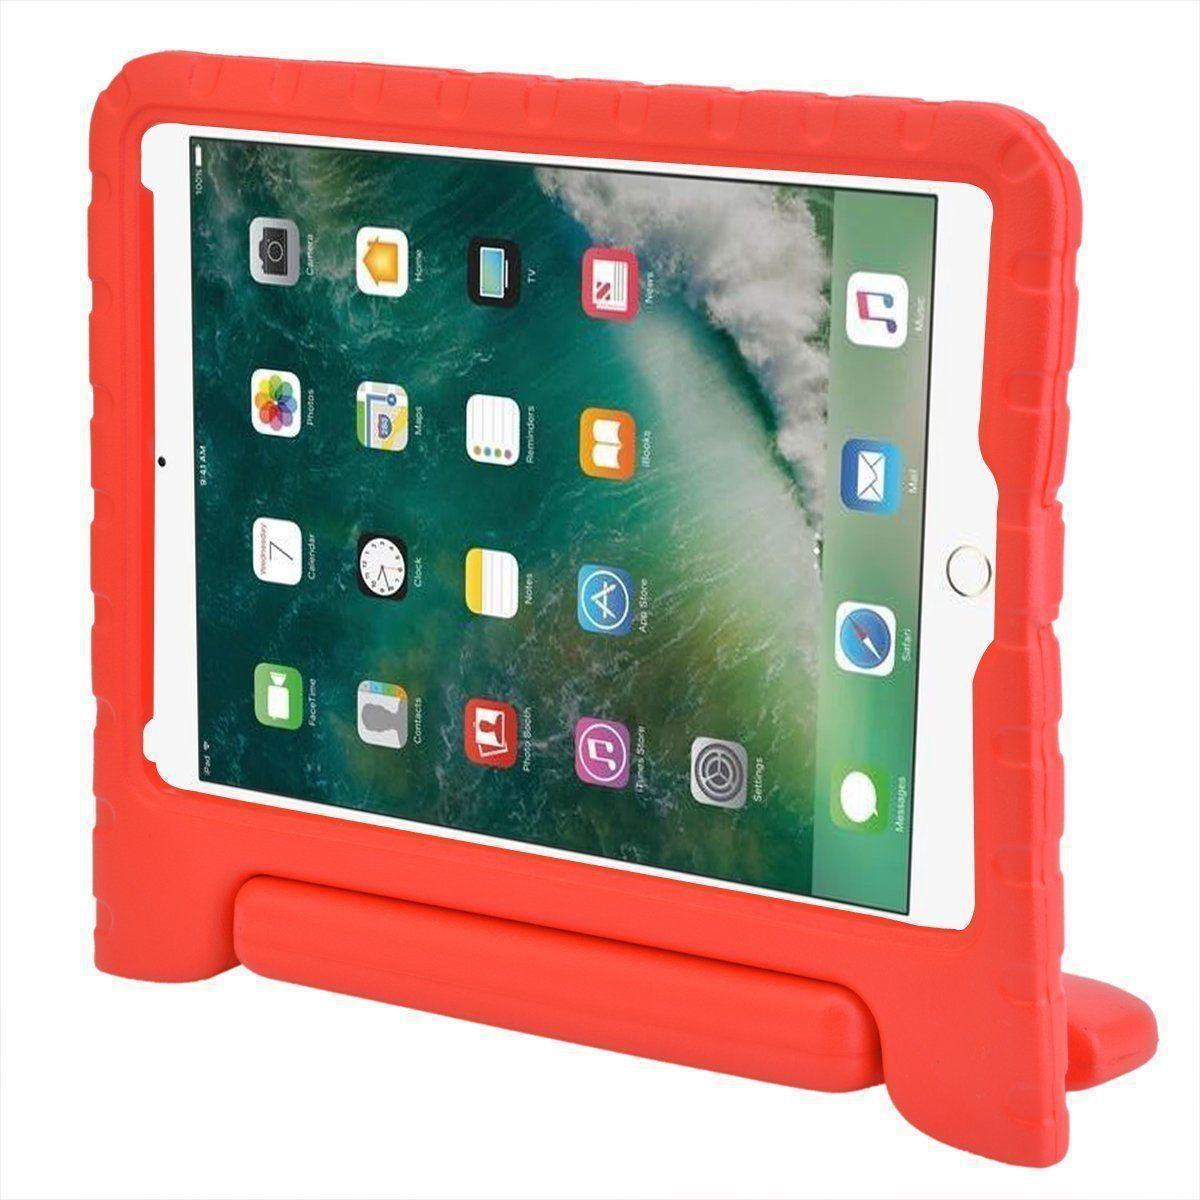 Capa Anti Impacto Ipad 9.7 Apple Ipad 5 A1822 A1823 Infantil com Alça